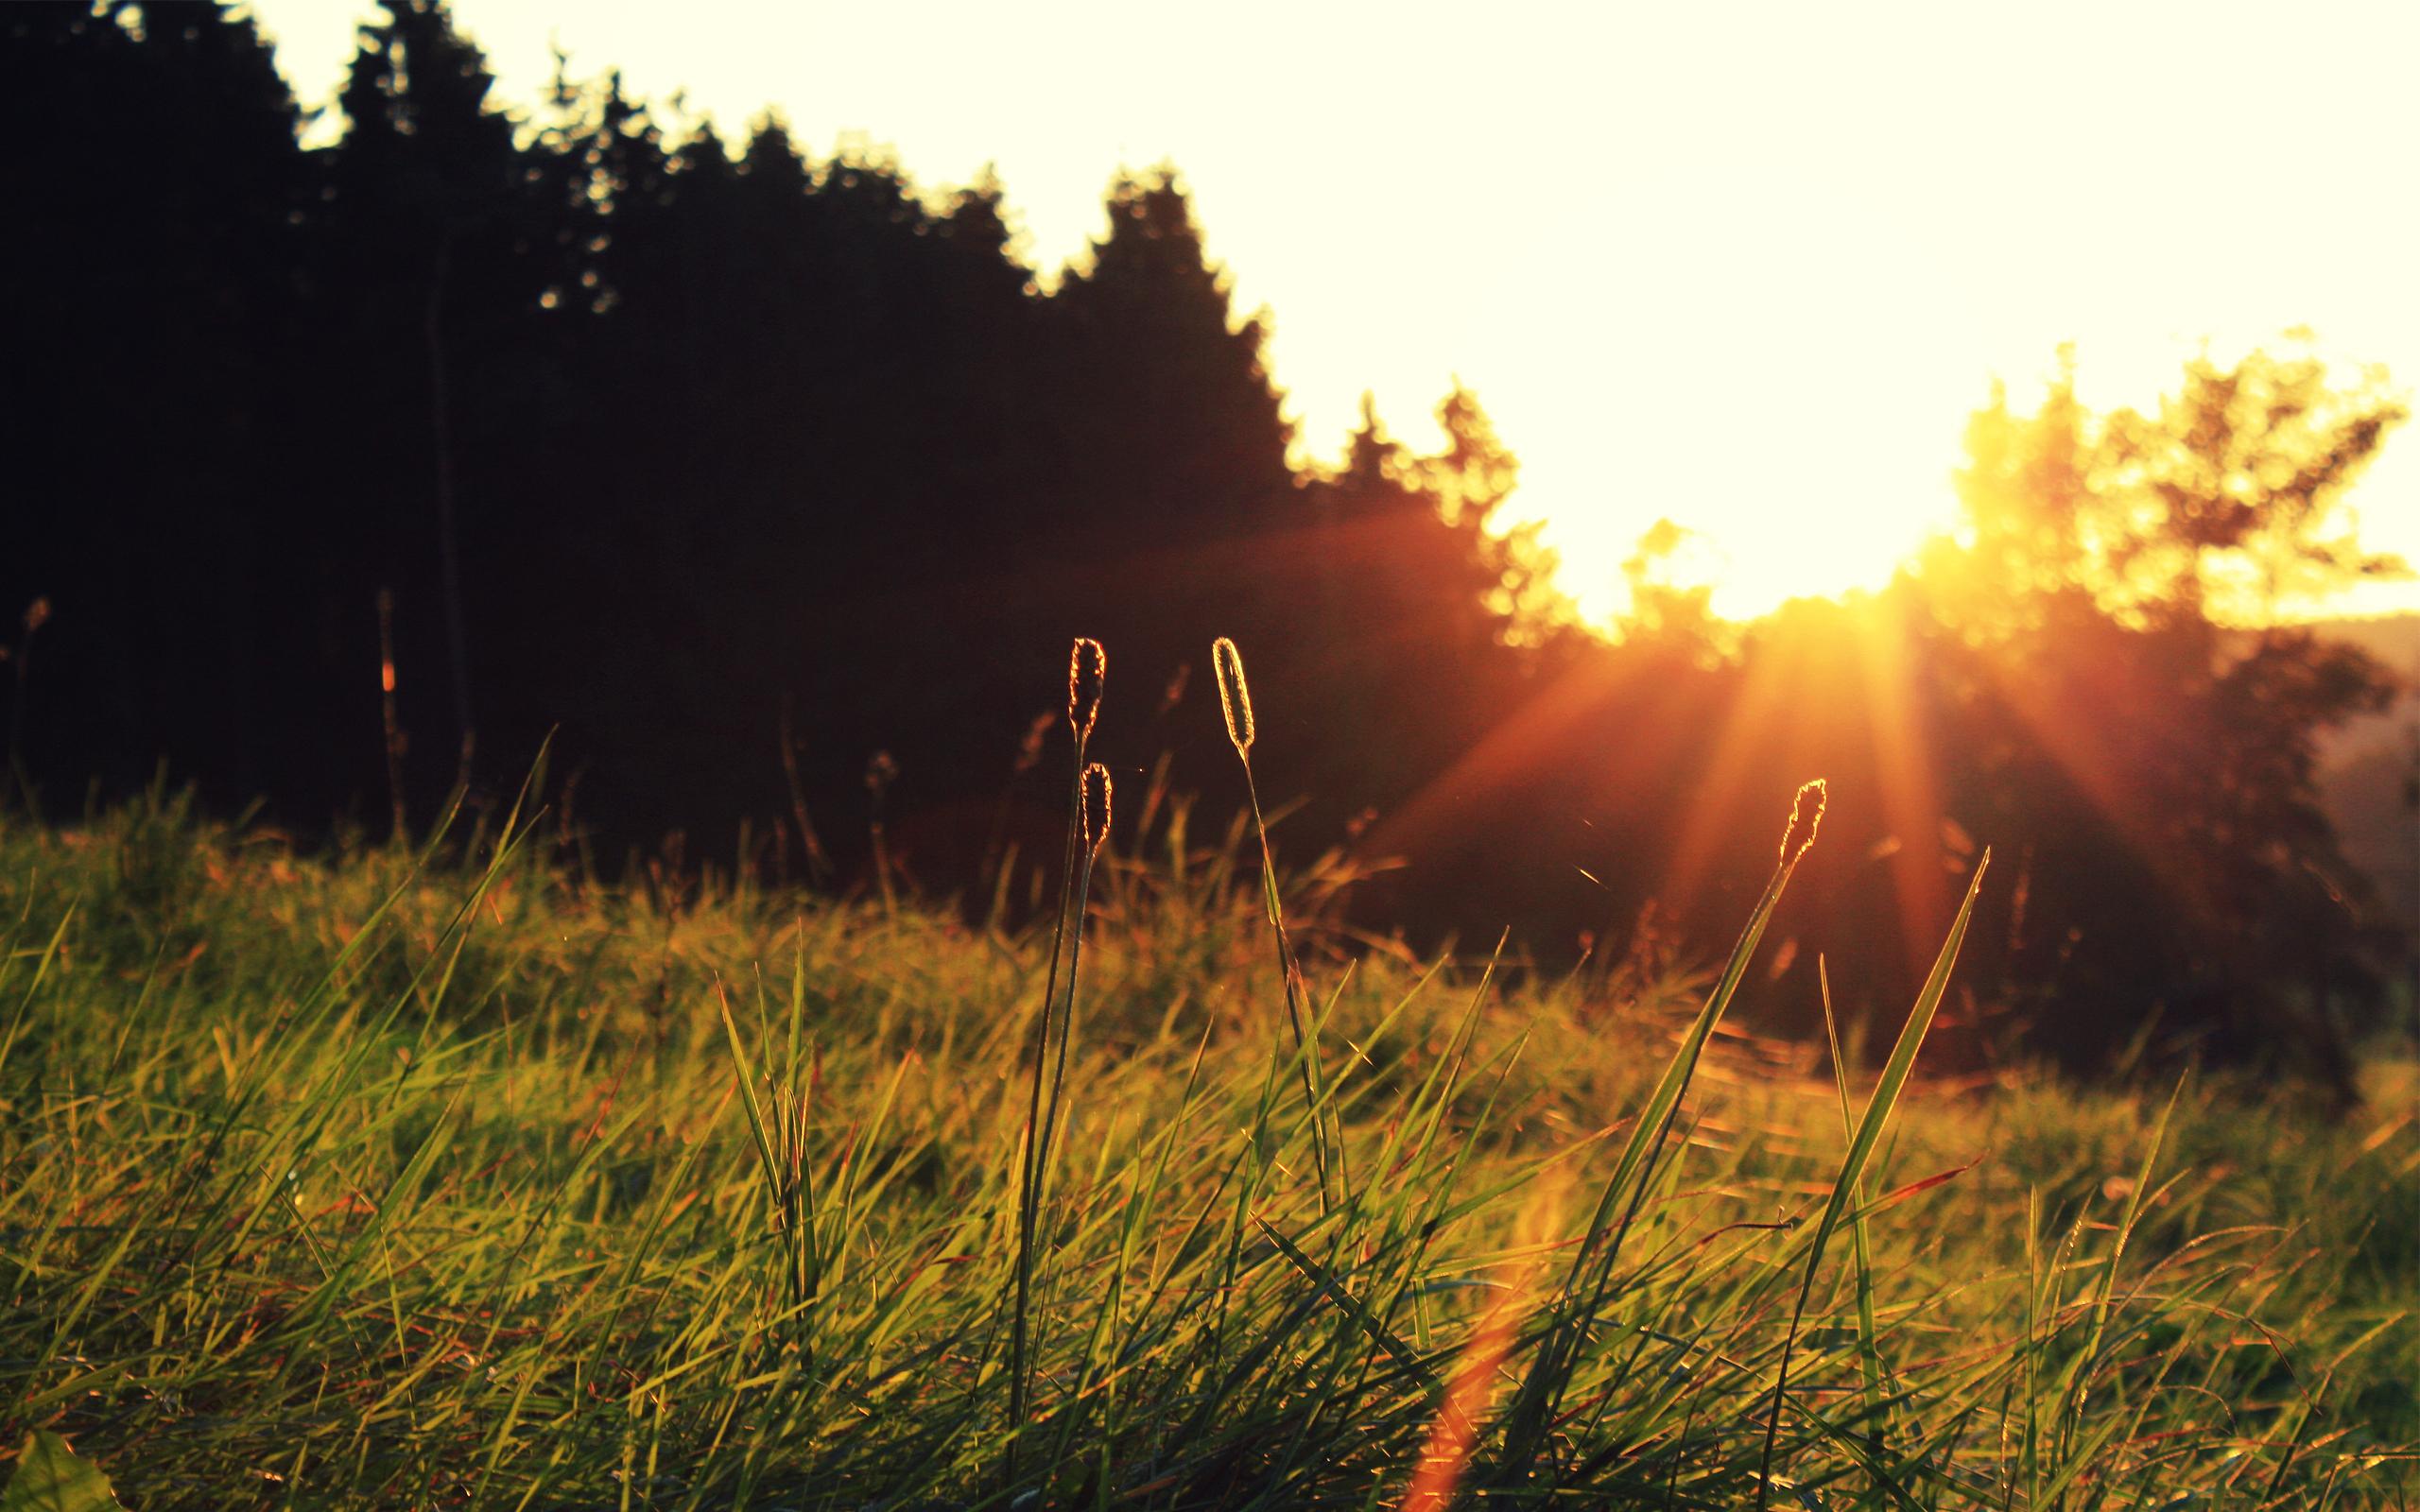 Восход солнца на окраине леса  № 1409528 бесплатно